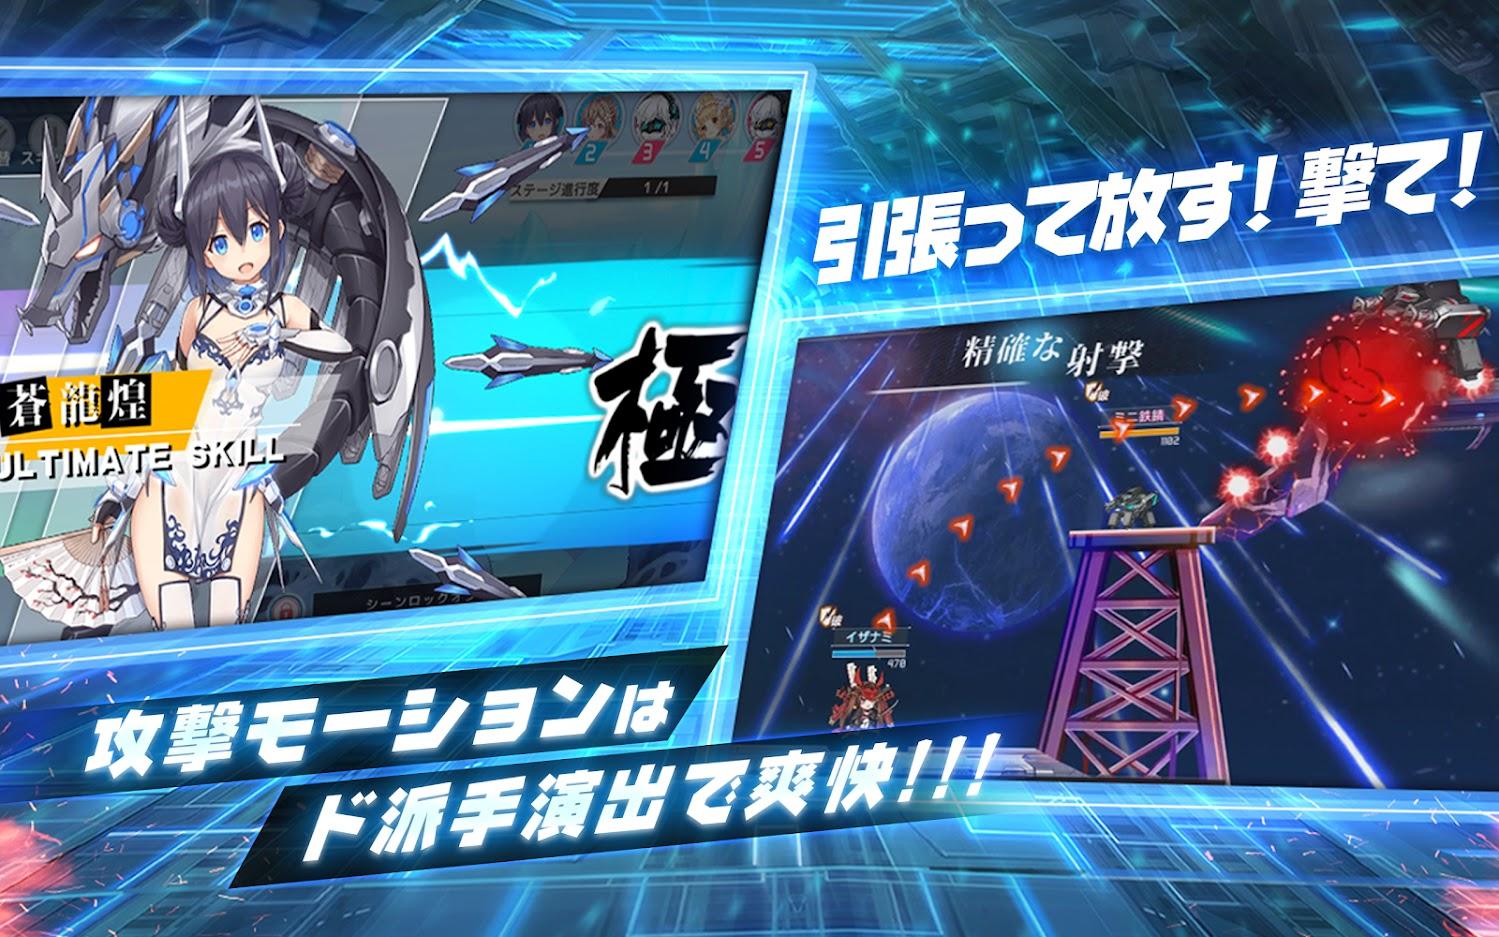 Senki Strike 822020 3